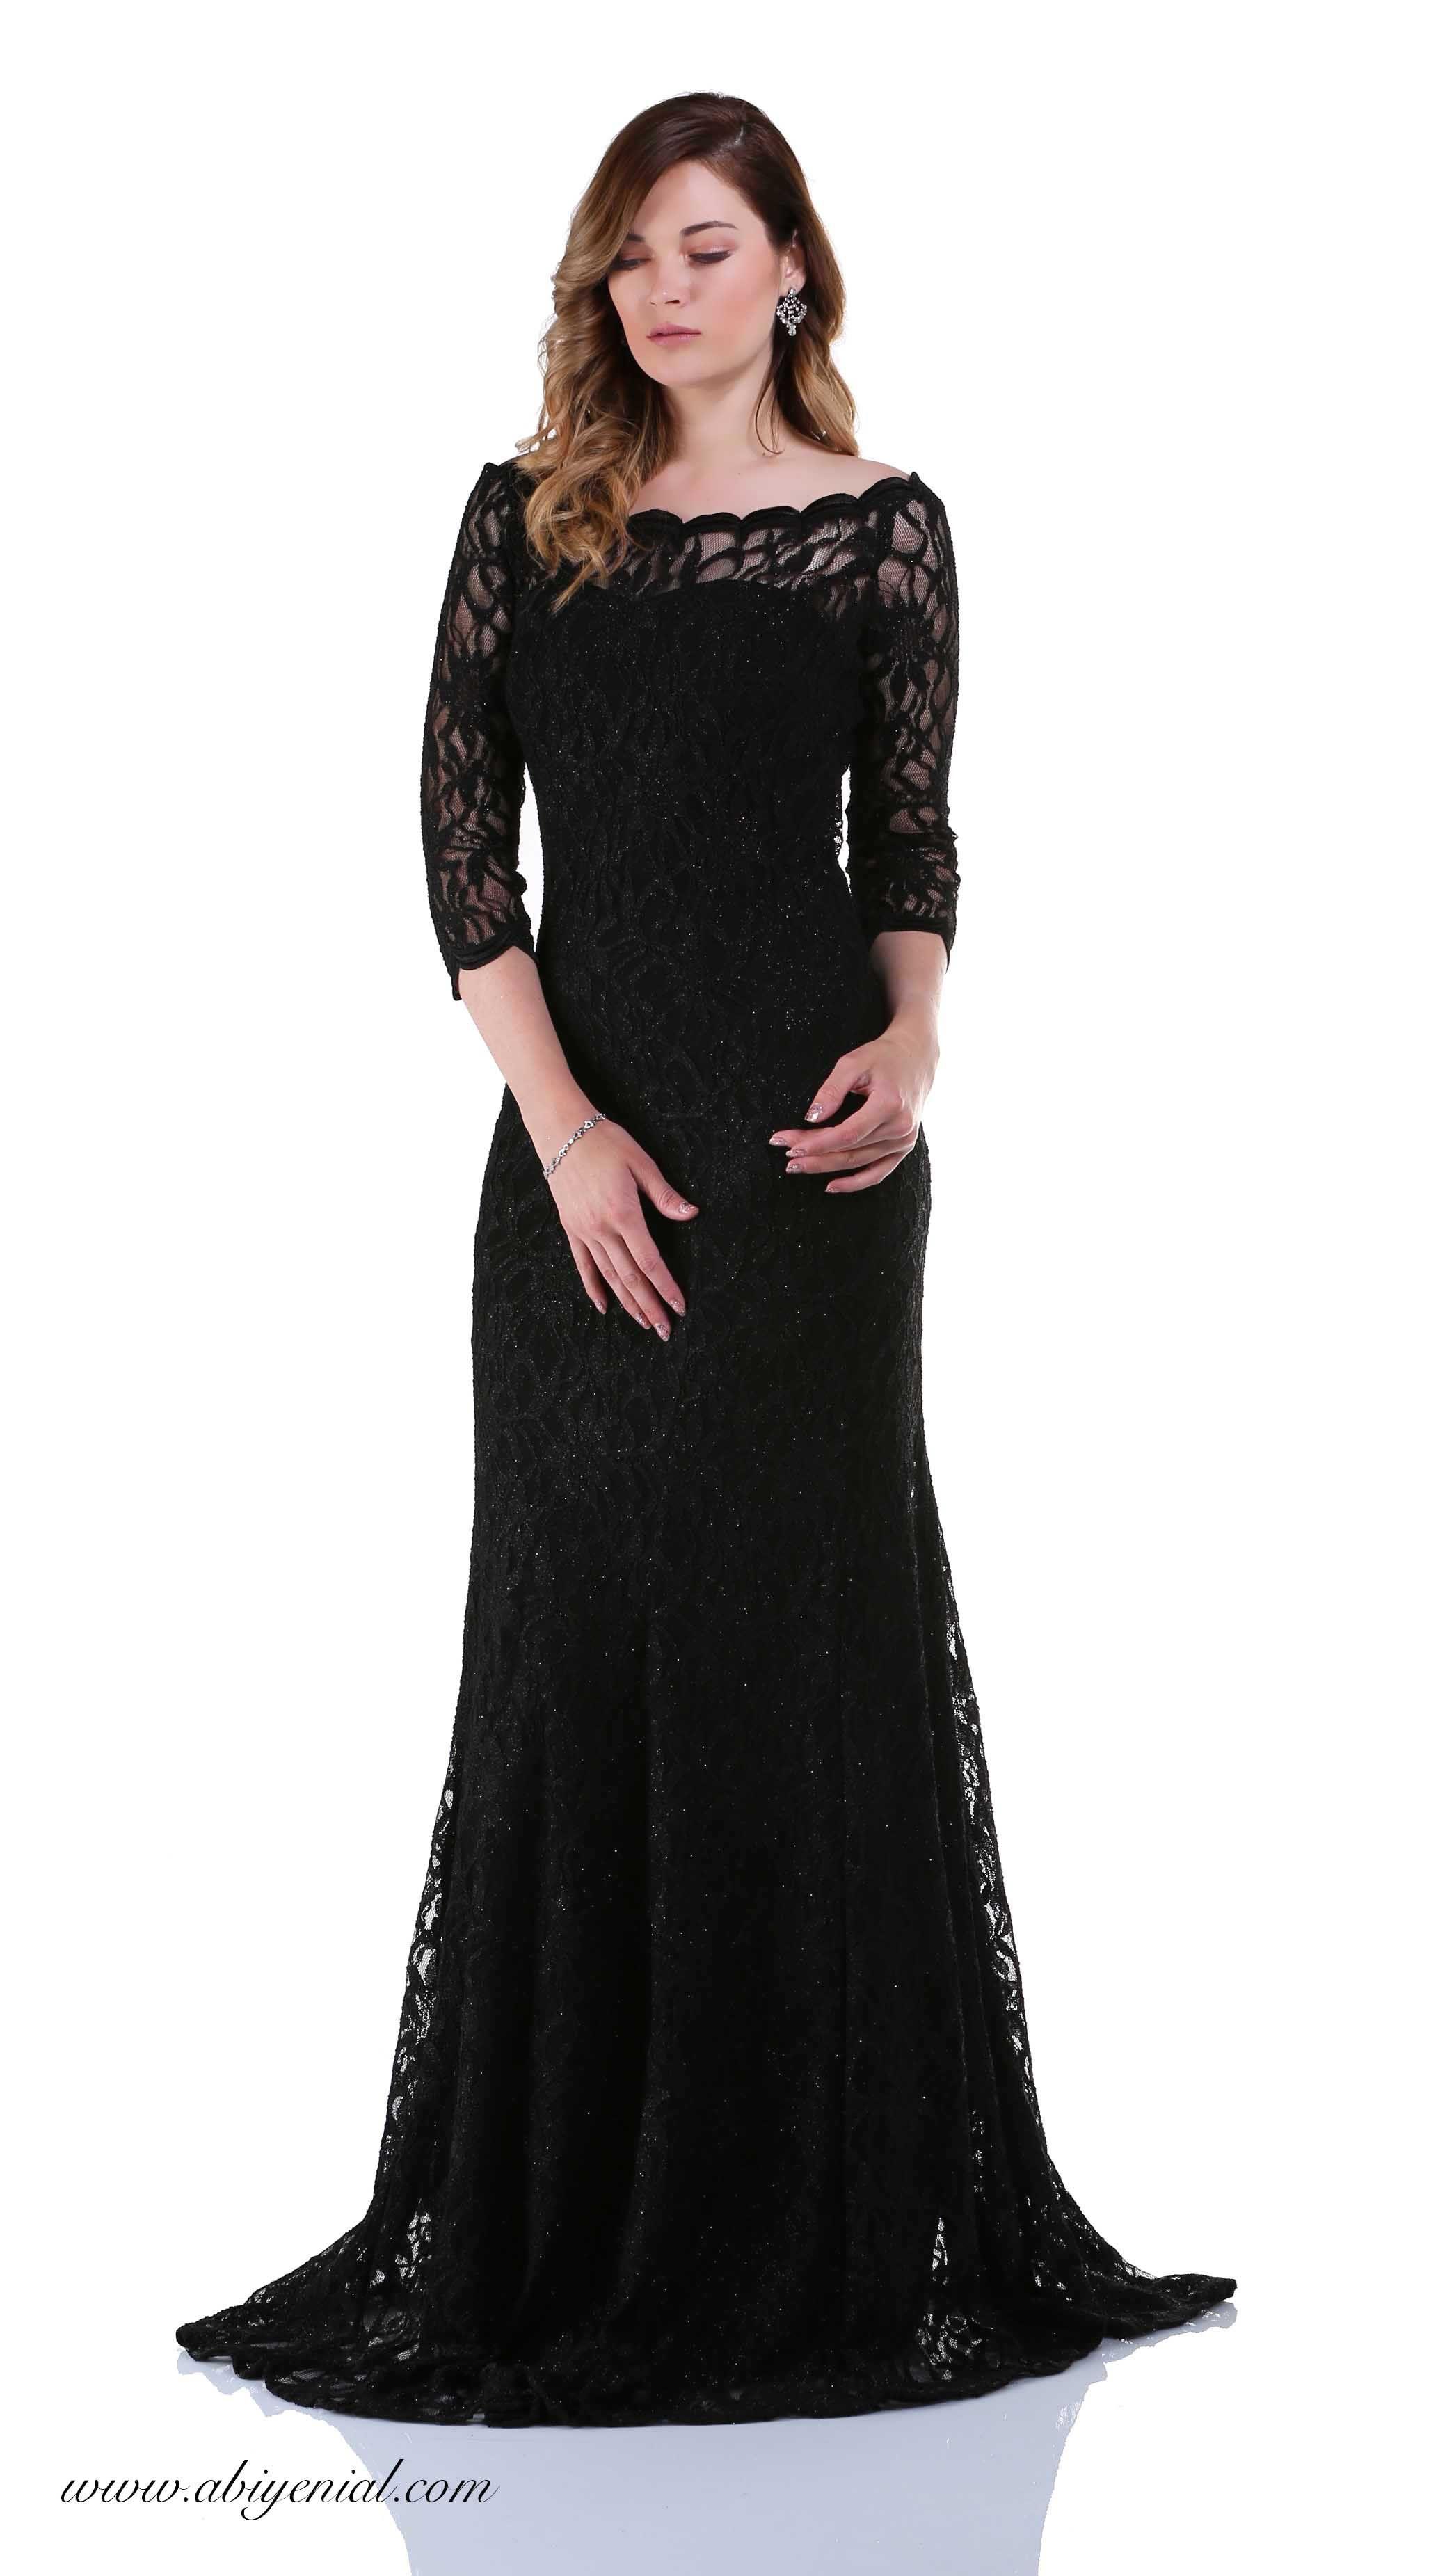 Siyah Uzun Abiye Elbise Dantel Siyah Sade Uzun Abiye Sozelbisesi Black Dresses Eveningdress Aksamustu Giysileri The Dress Elbise